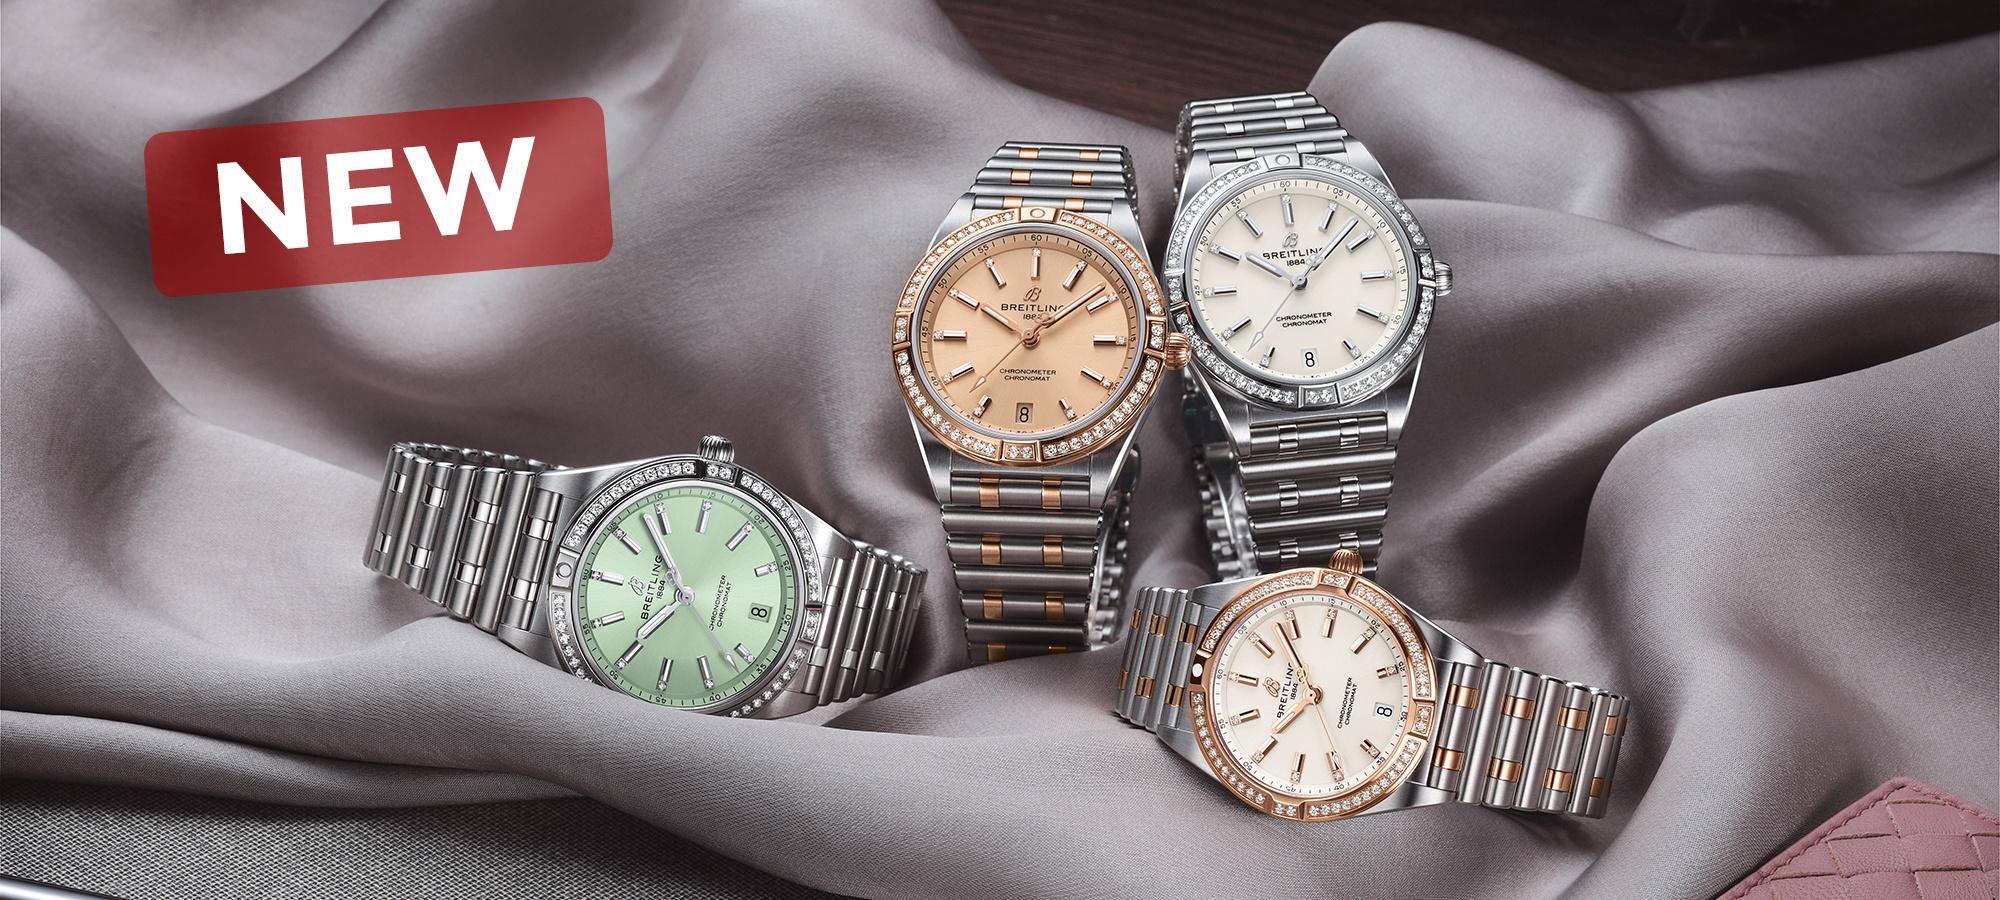 De nieuwe Breitling Chronomat horloge collectie voor dames! Verkrijgbaar in 36mm en 32mm bij Schaap en Citroen.